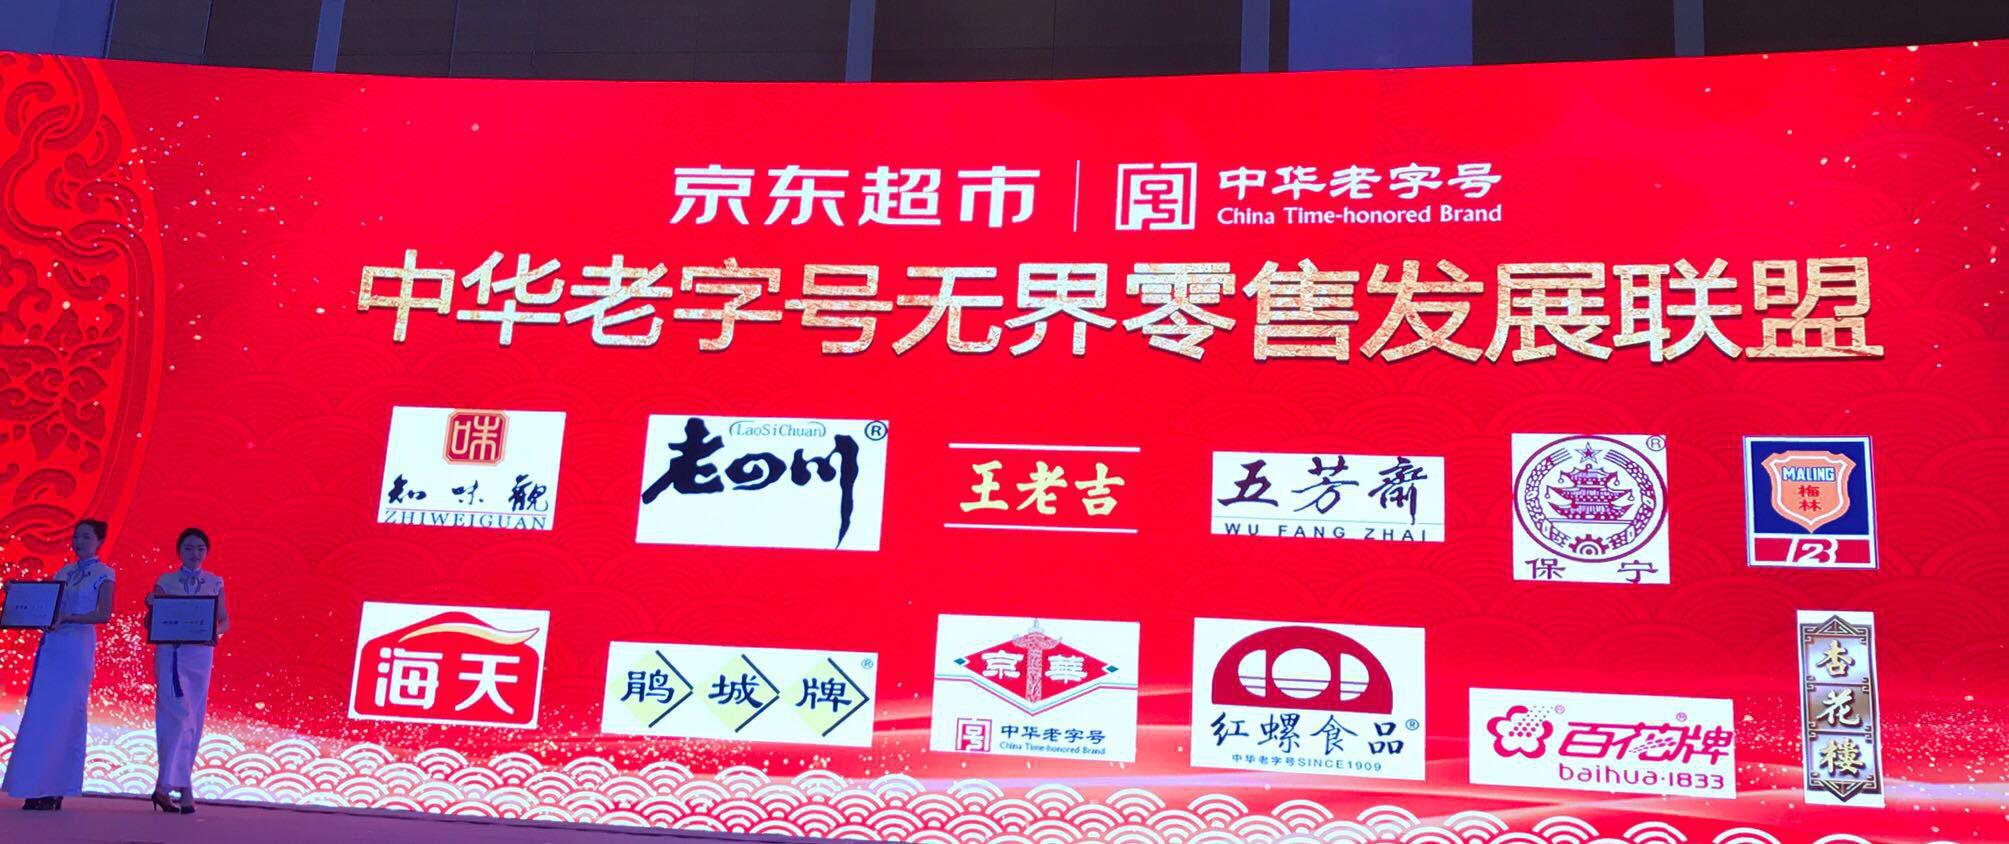 300老字号年内上京东 电商成老字号销售增速最快平台